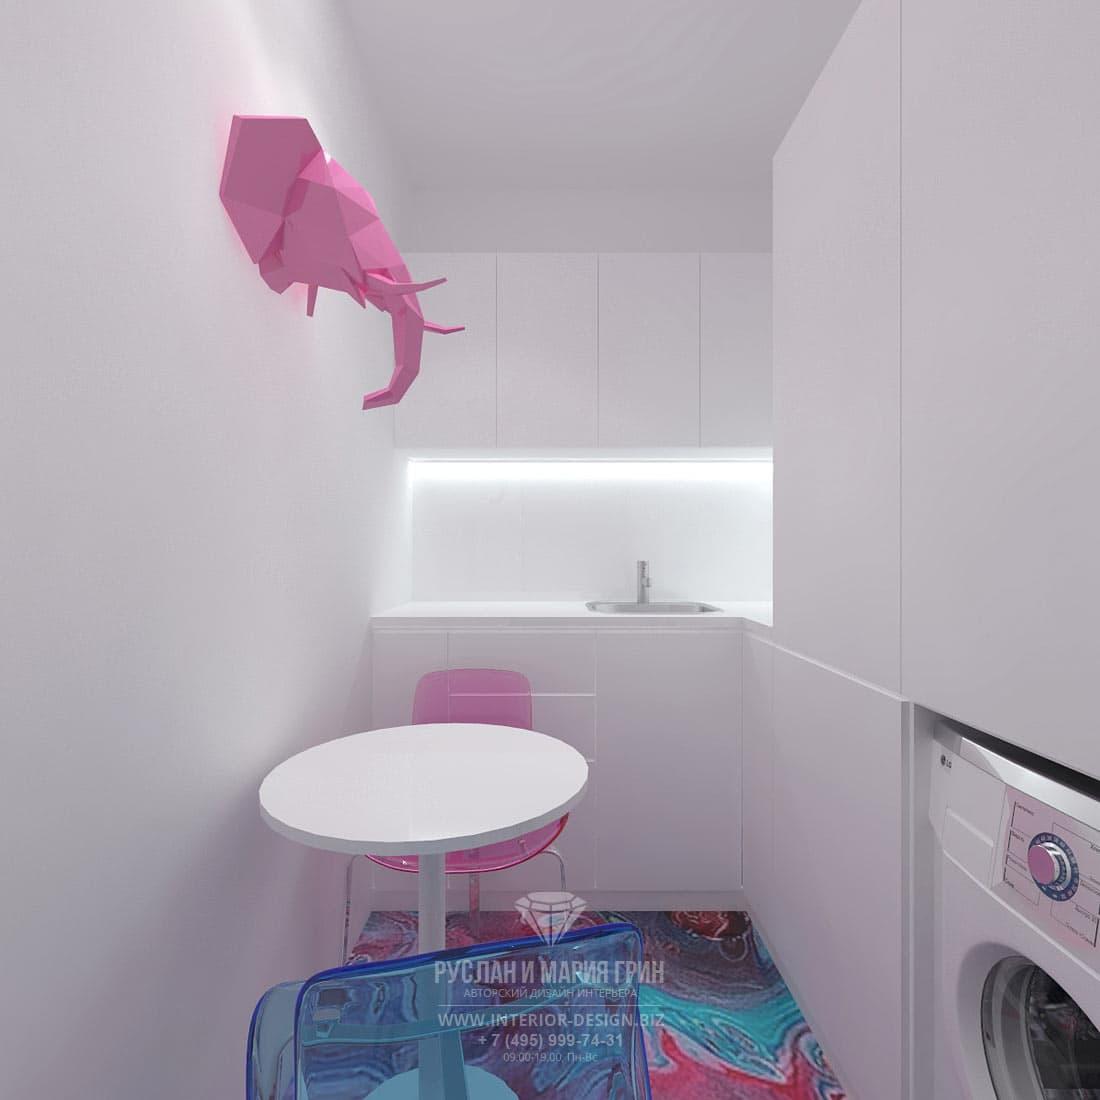 Дизайн интерьера санузла в современном салоне красоты